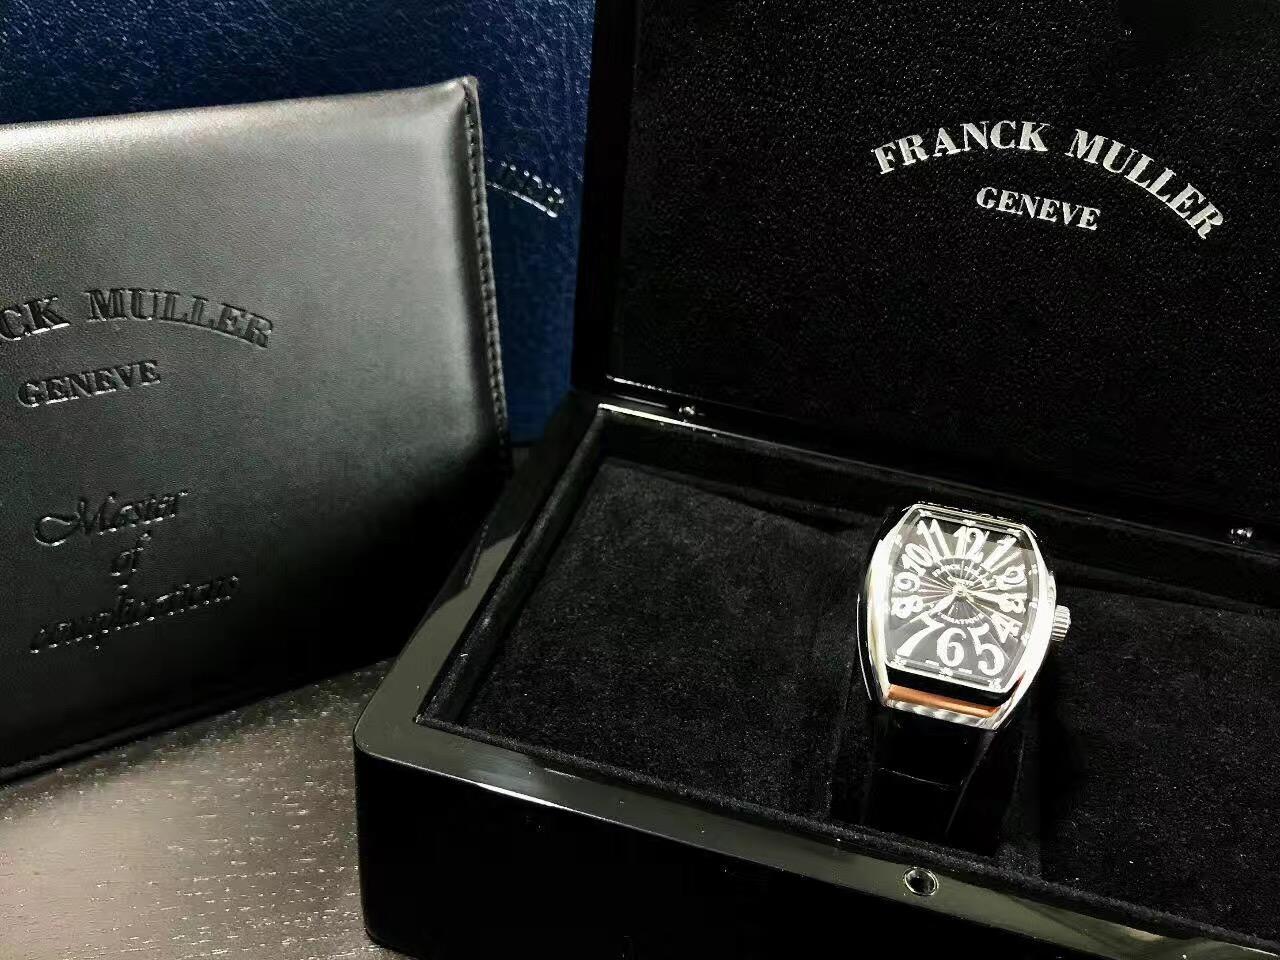 【新品】FRANCK MULLER/フランクミュラー V32 SC AT FO AC NR ホワイトスチール ブラック文字盤 自動巻きレーディス腕時計 #FM0017